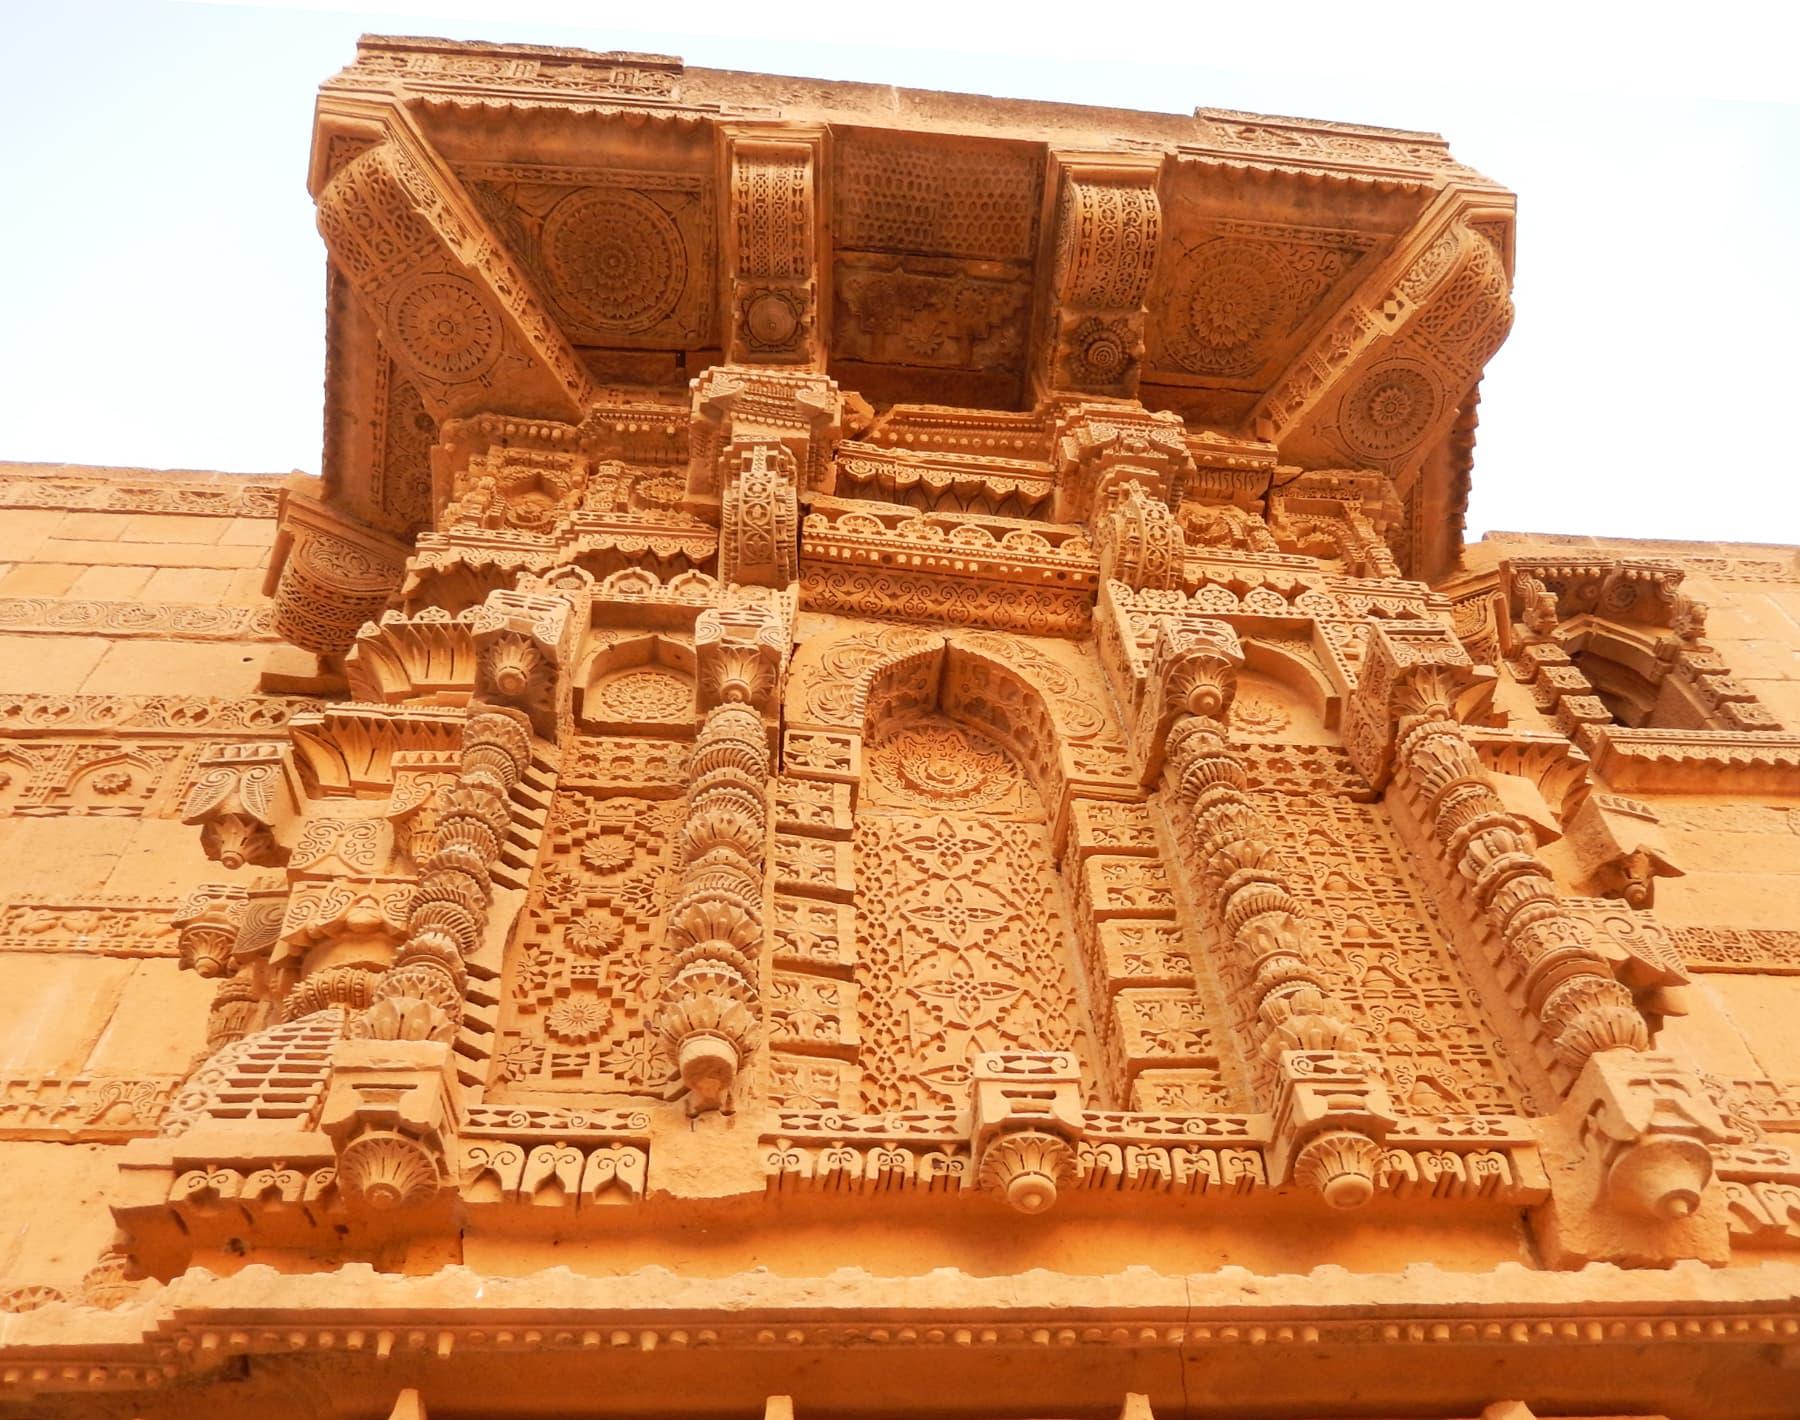 جام نندو کے مقبرے پر نظر آنے والی خوبصورت سنگ تراشی —تصویر ابوبکر شیخ